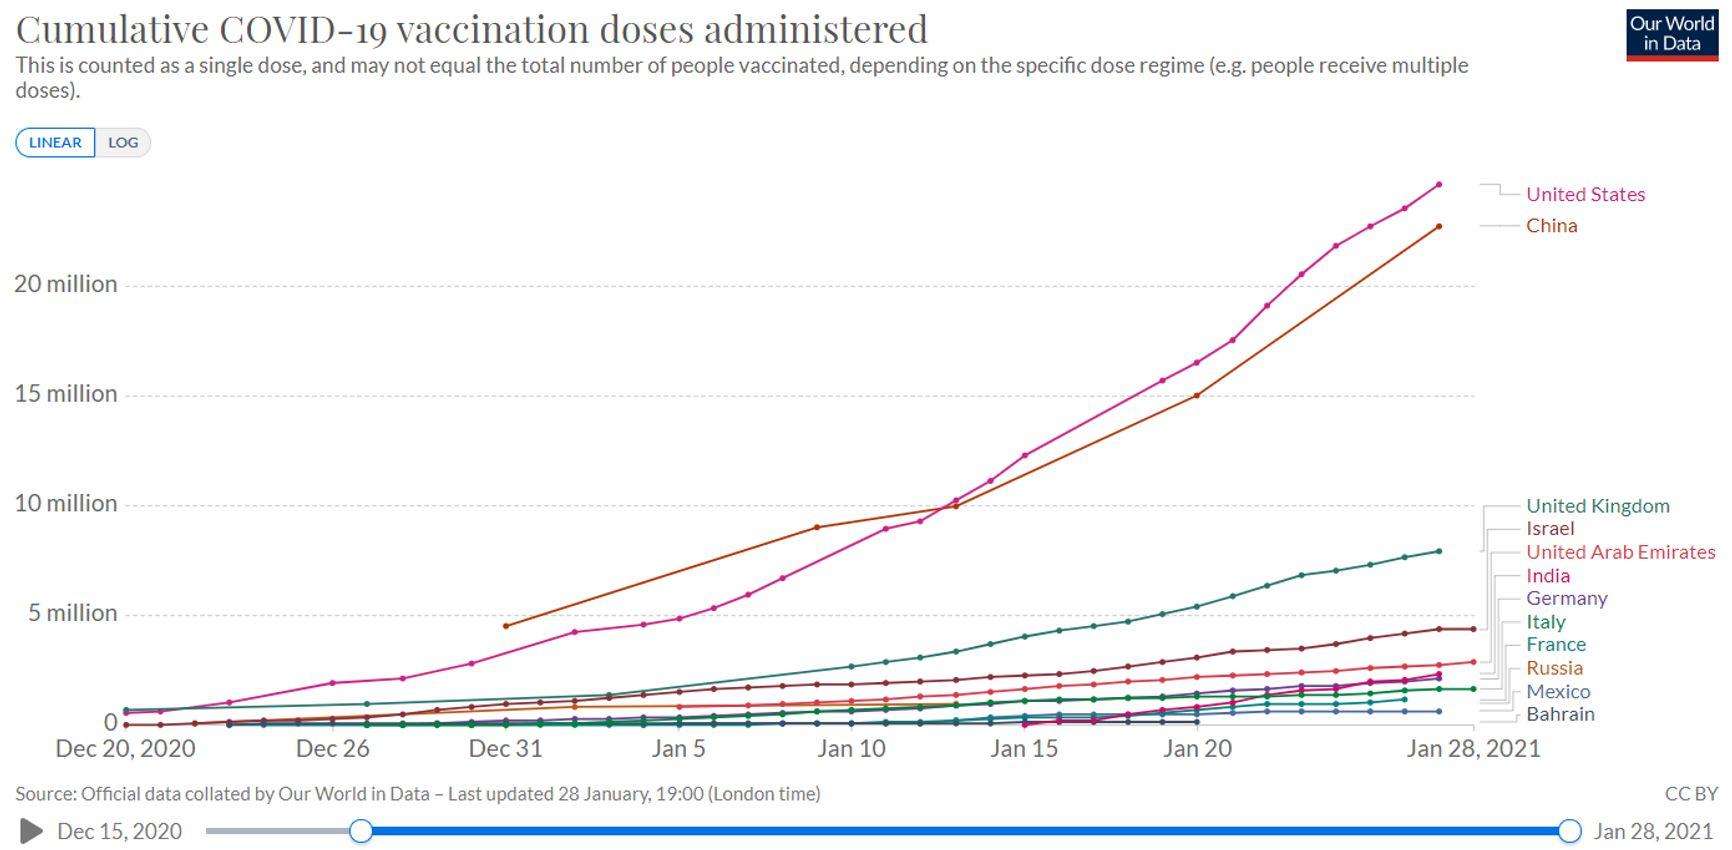 Рисунок 1. Количество введенных доз вакцин по странам (кумулятивно)